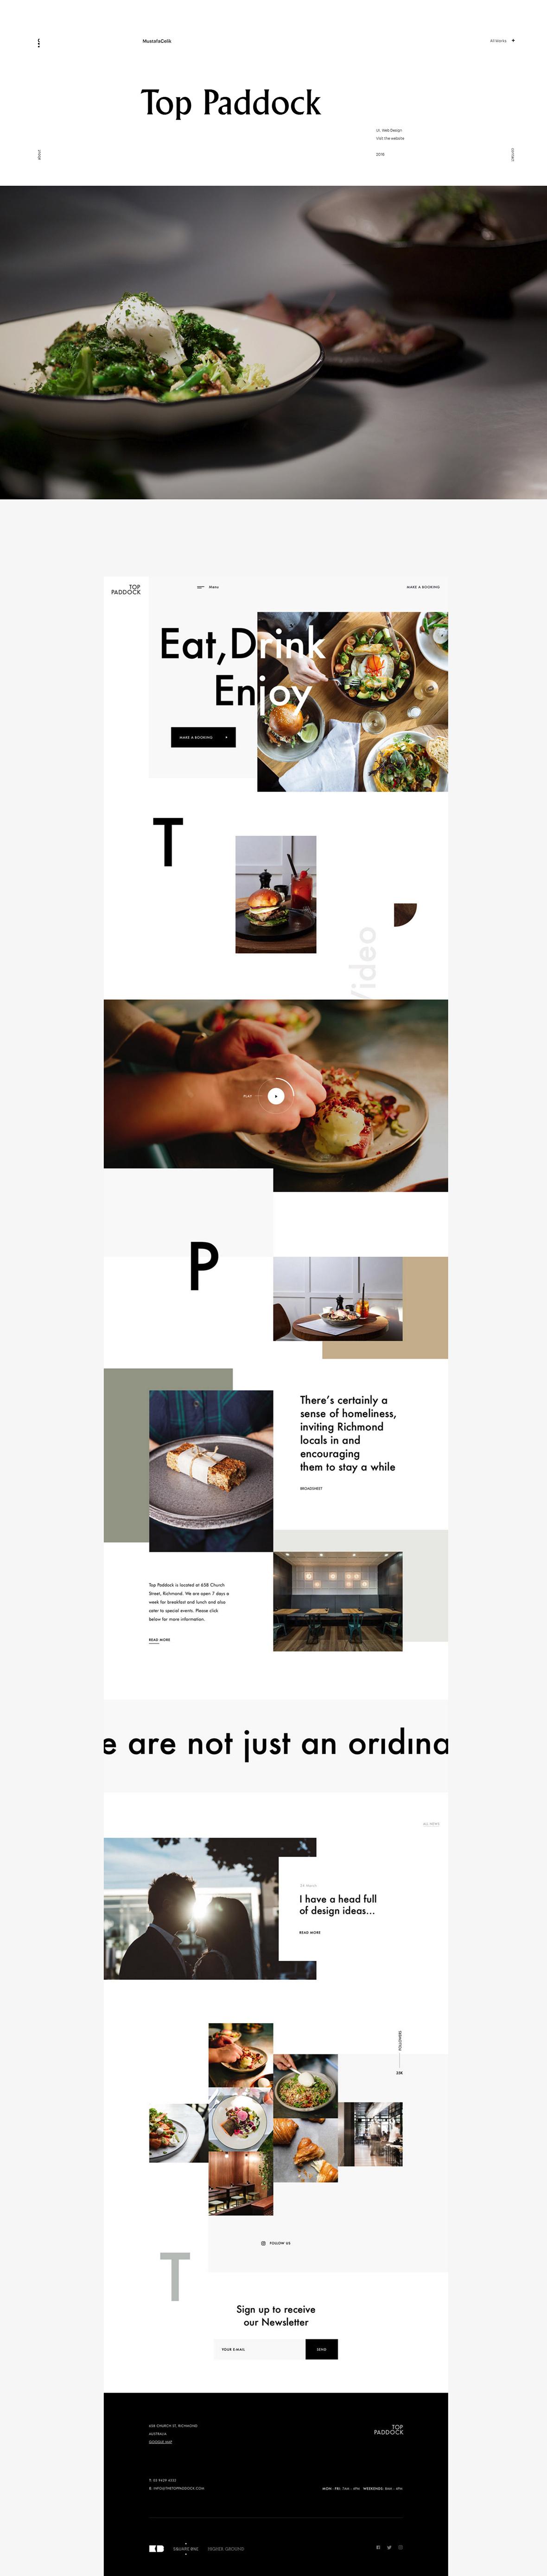 Mustafa Çelik-创意,网页设计,创意设计,创意网站,字体设计,设计网站,设计作品,网站欣赏,优,ui设计,设计,设计师,平面设计,电商设计,动漫设计,网站设计